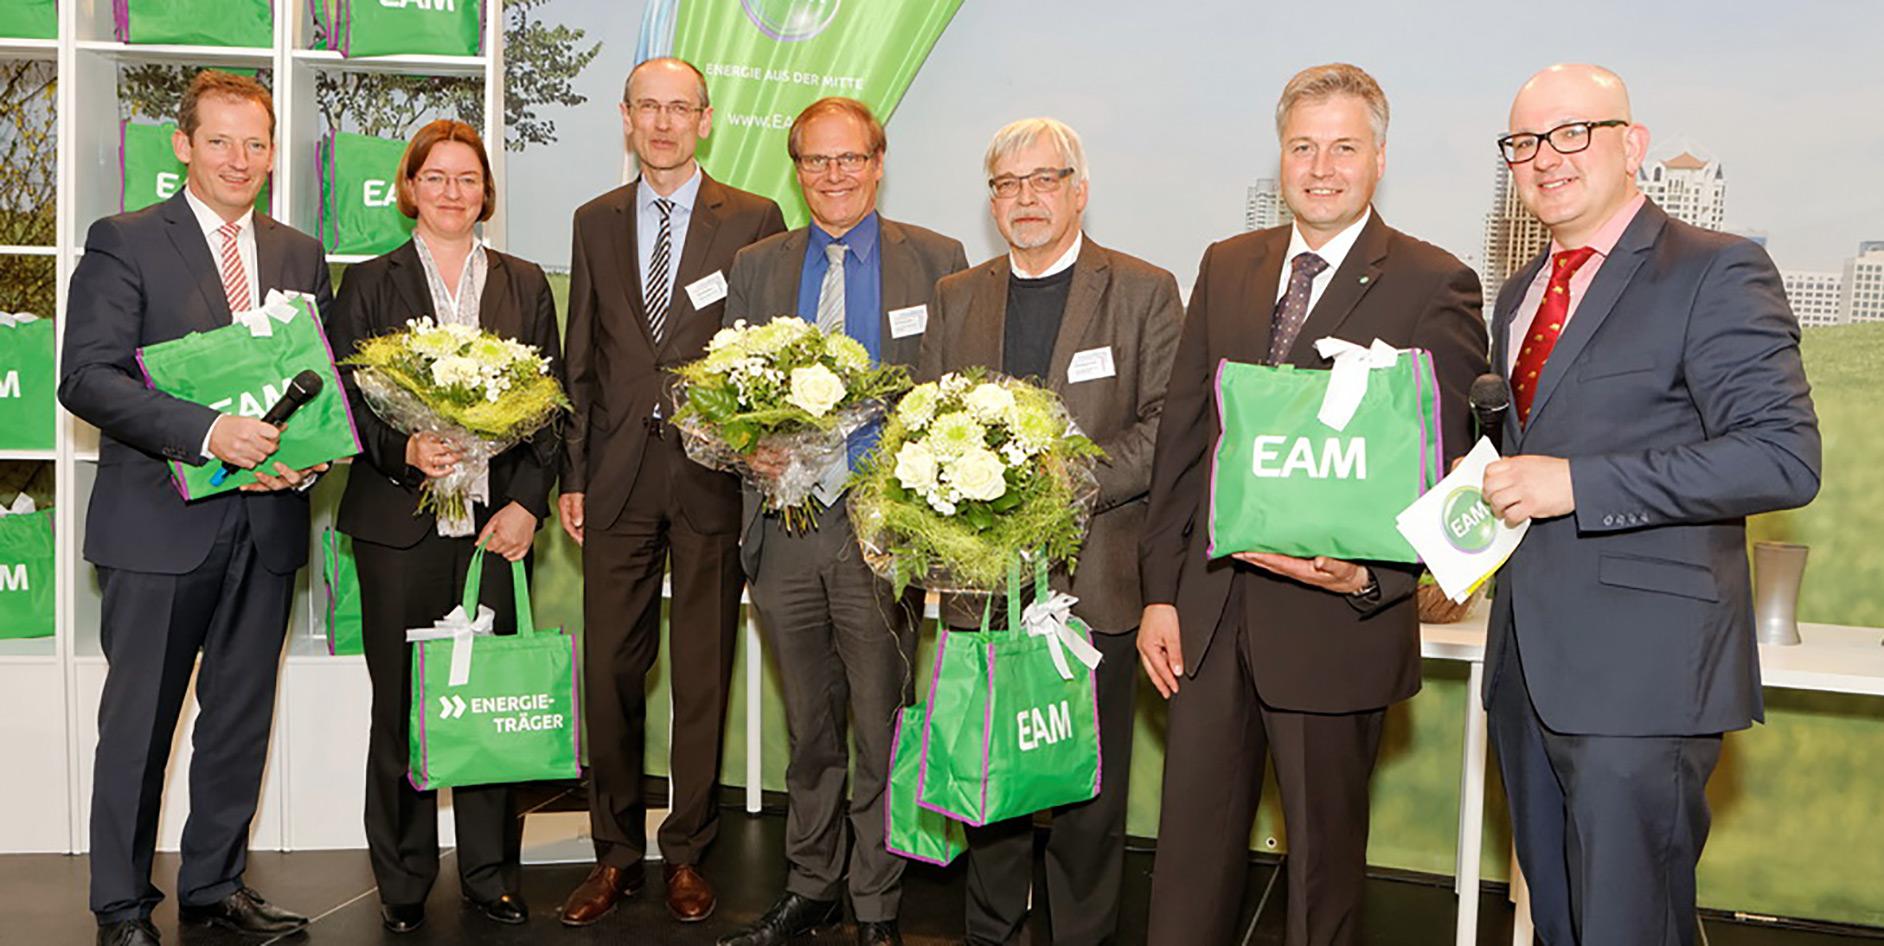 """EAM-Messe im Kaufpark Göttingen: """"Intelligente Zukunft"""" beginnt jetzt"""